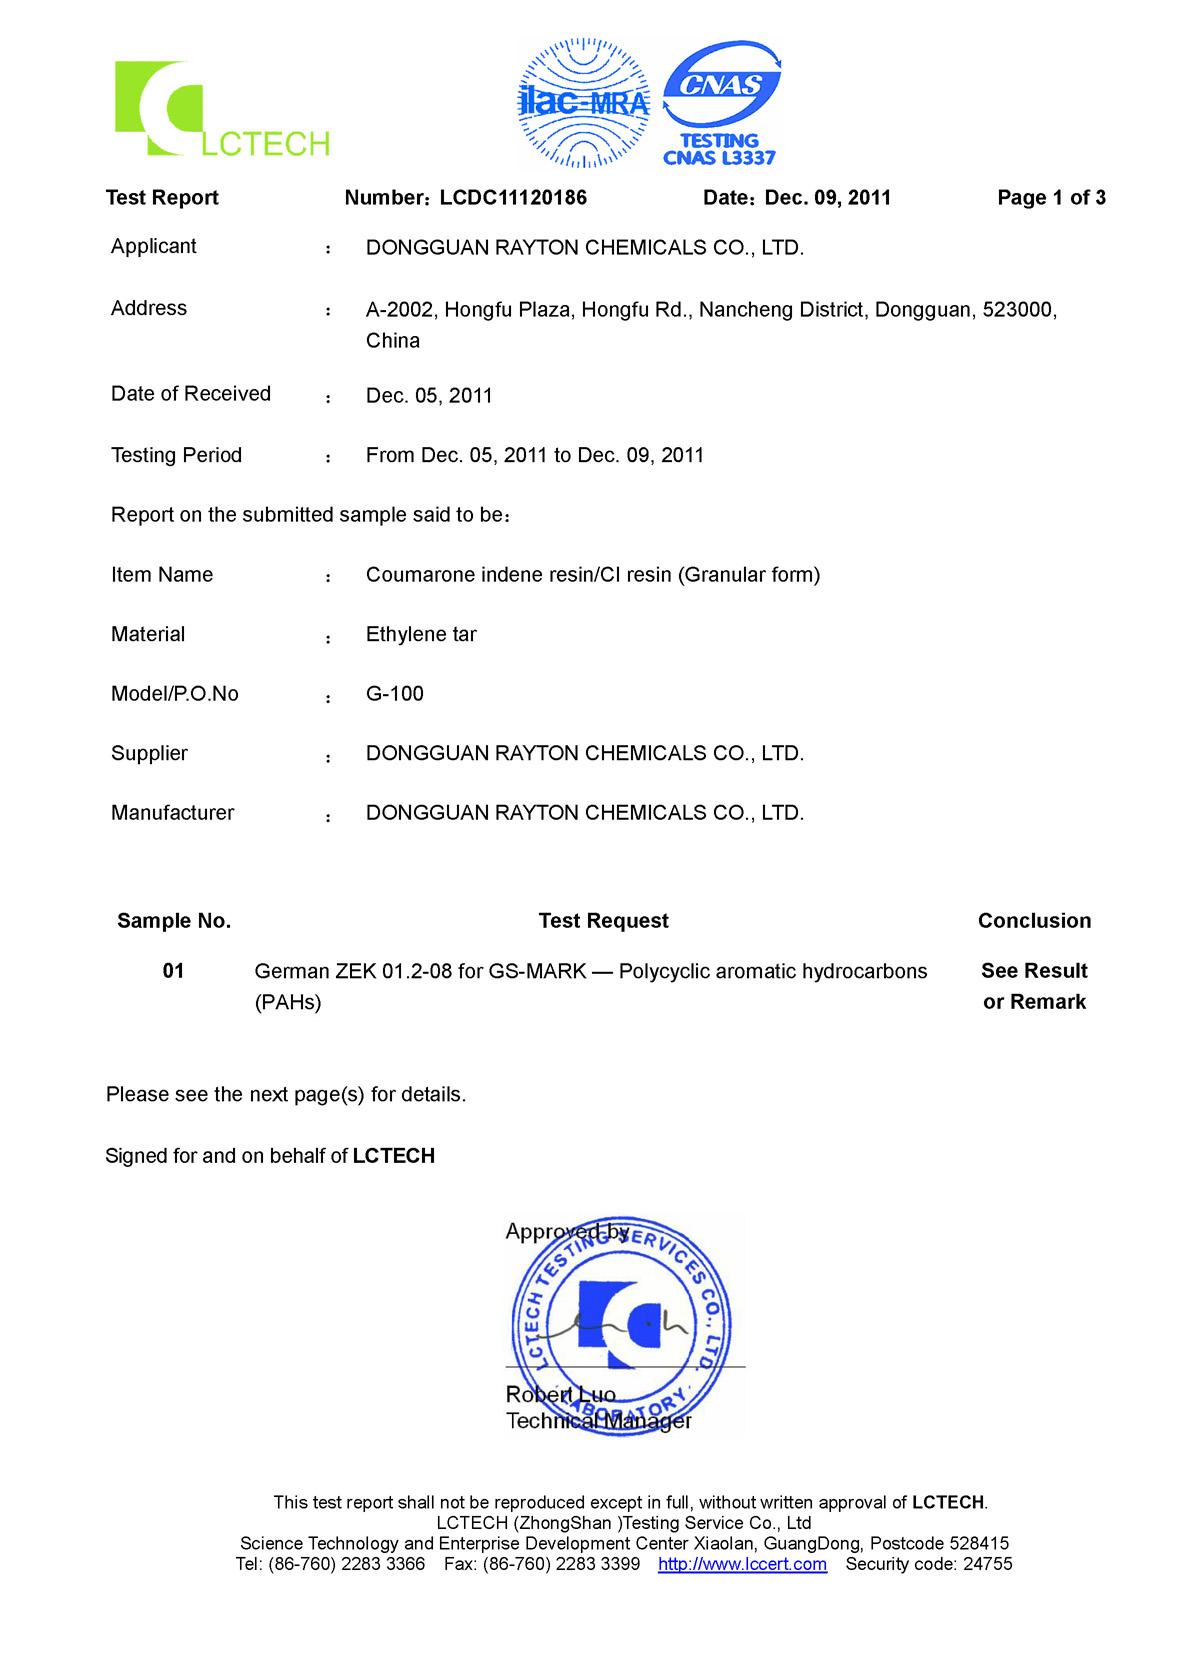 CI GR PAHs (page 1)